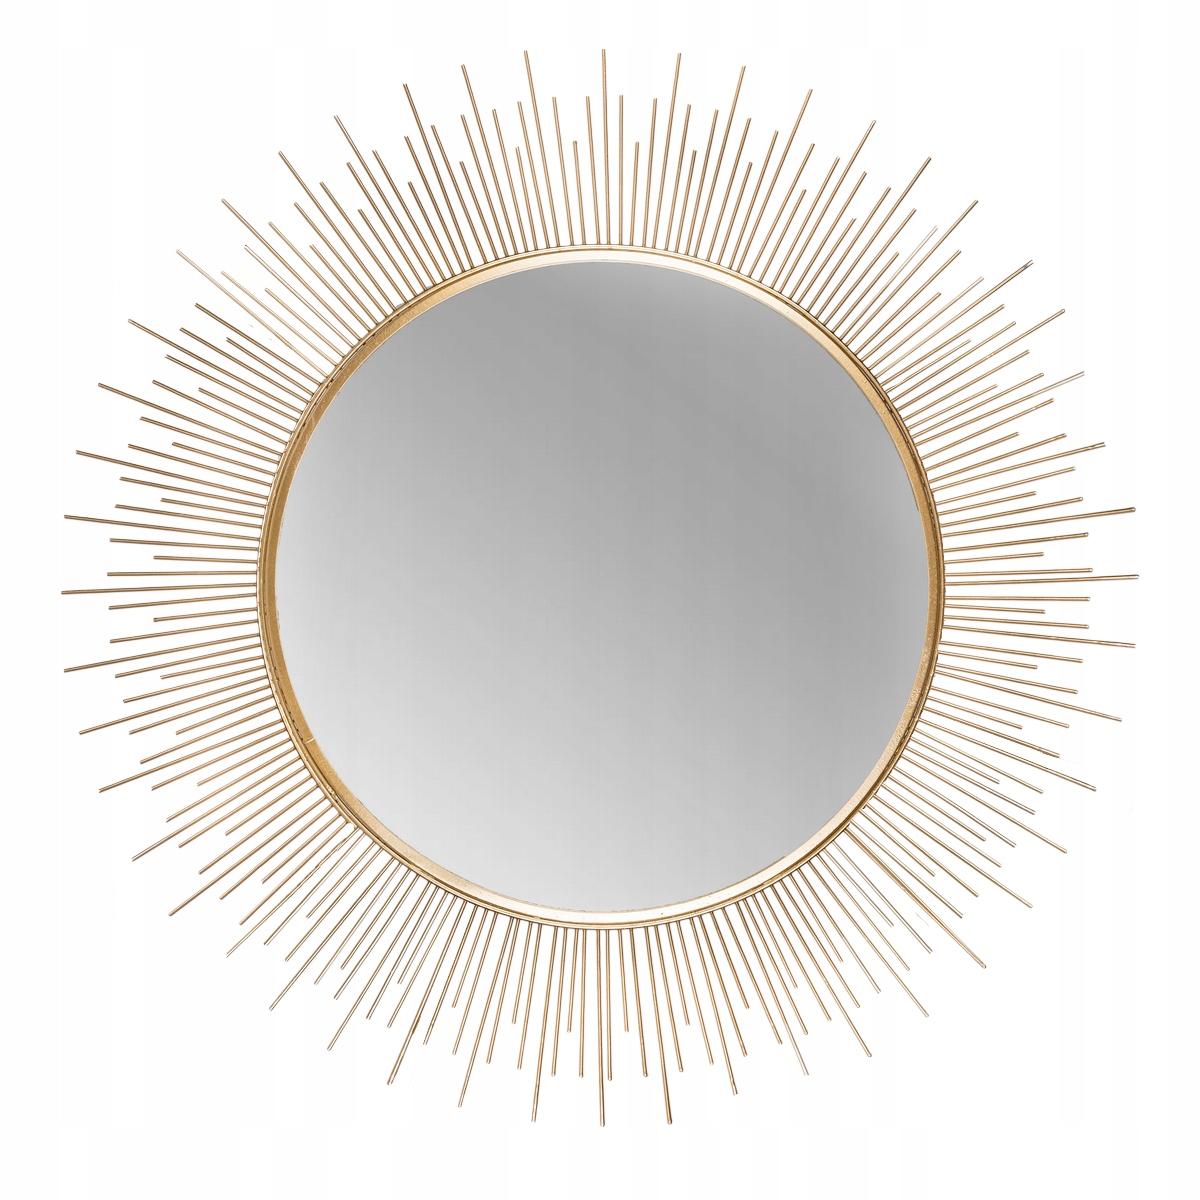 Lustro ścienne Dekoracyjne Słoneczko Złote 40 Cm